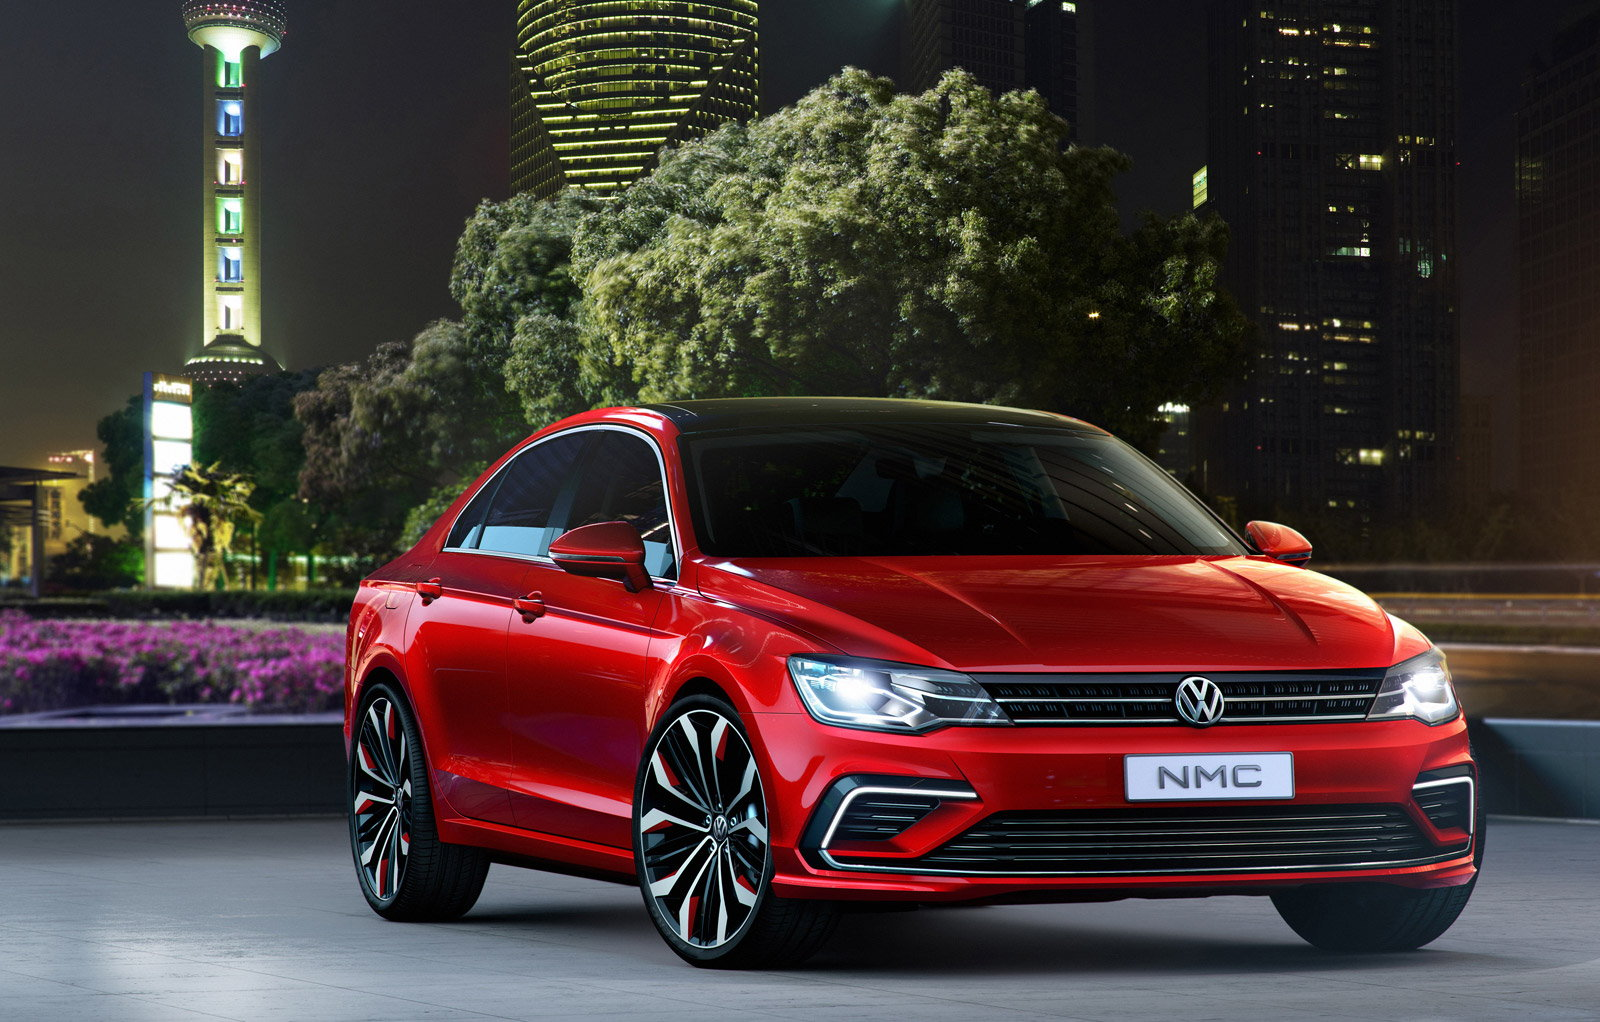 2018 Volkswagen Jetta: News, Pricing & Release Date